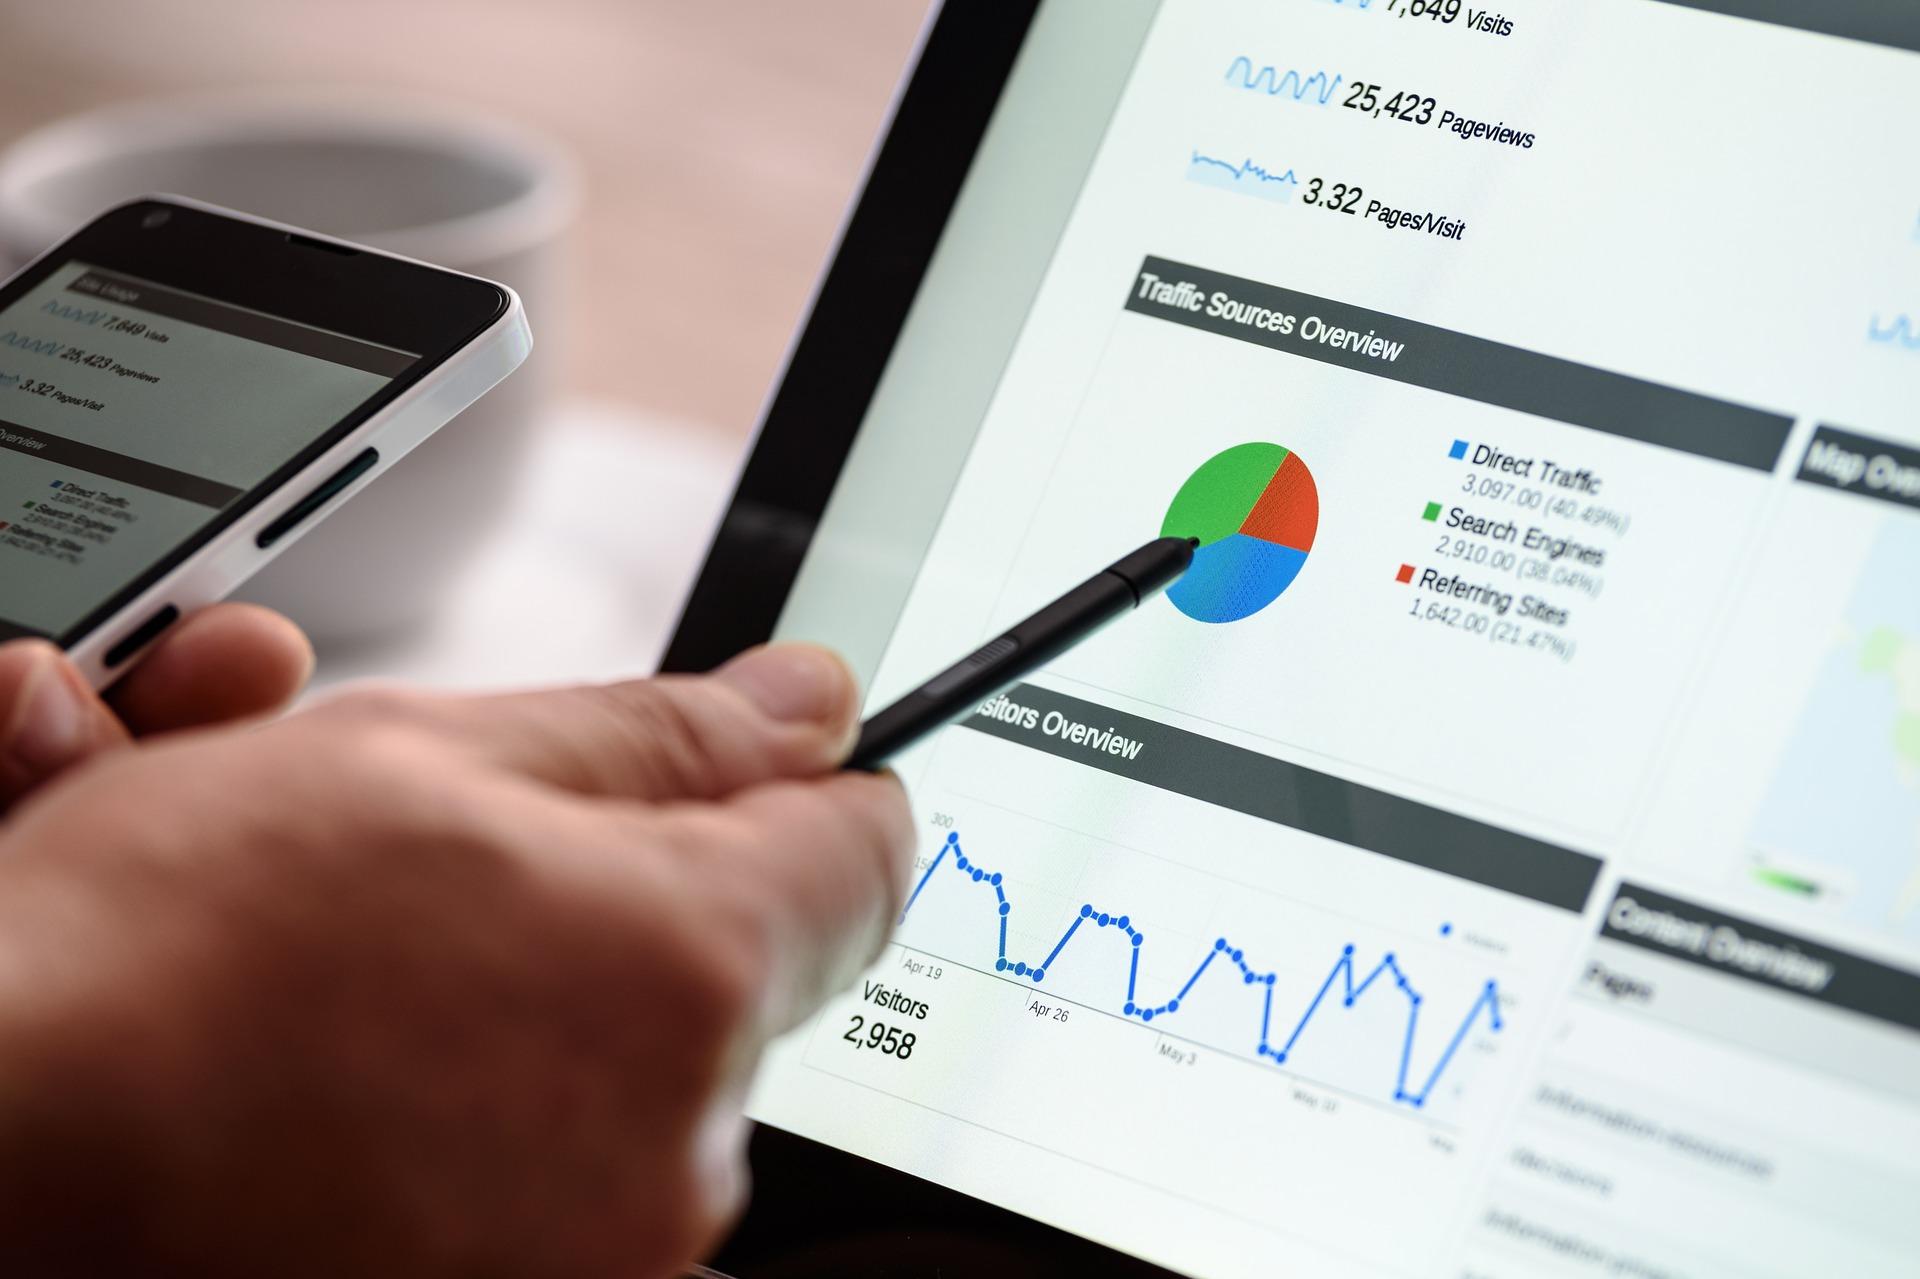 Abschreibungen unter IFRS, aktuelle Erkenntnisse einer empirischen Erhebung